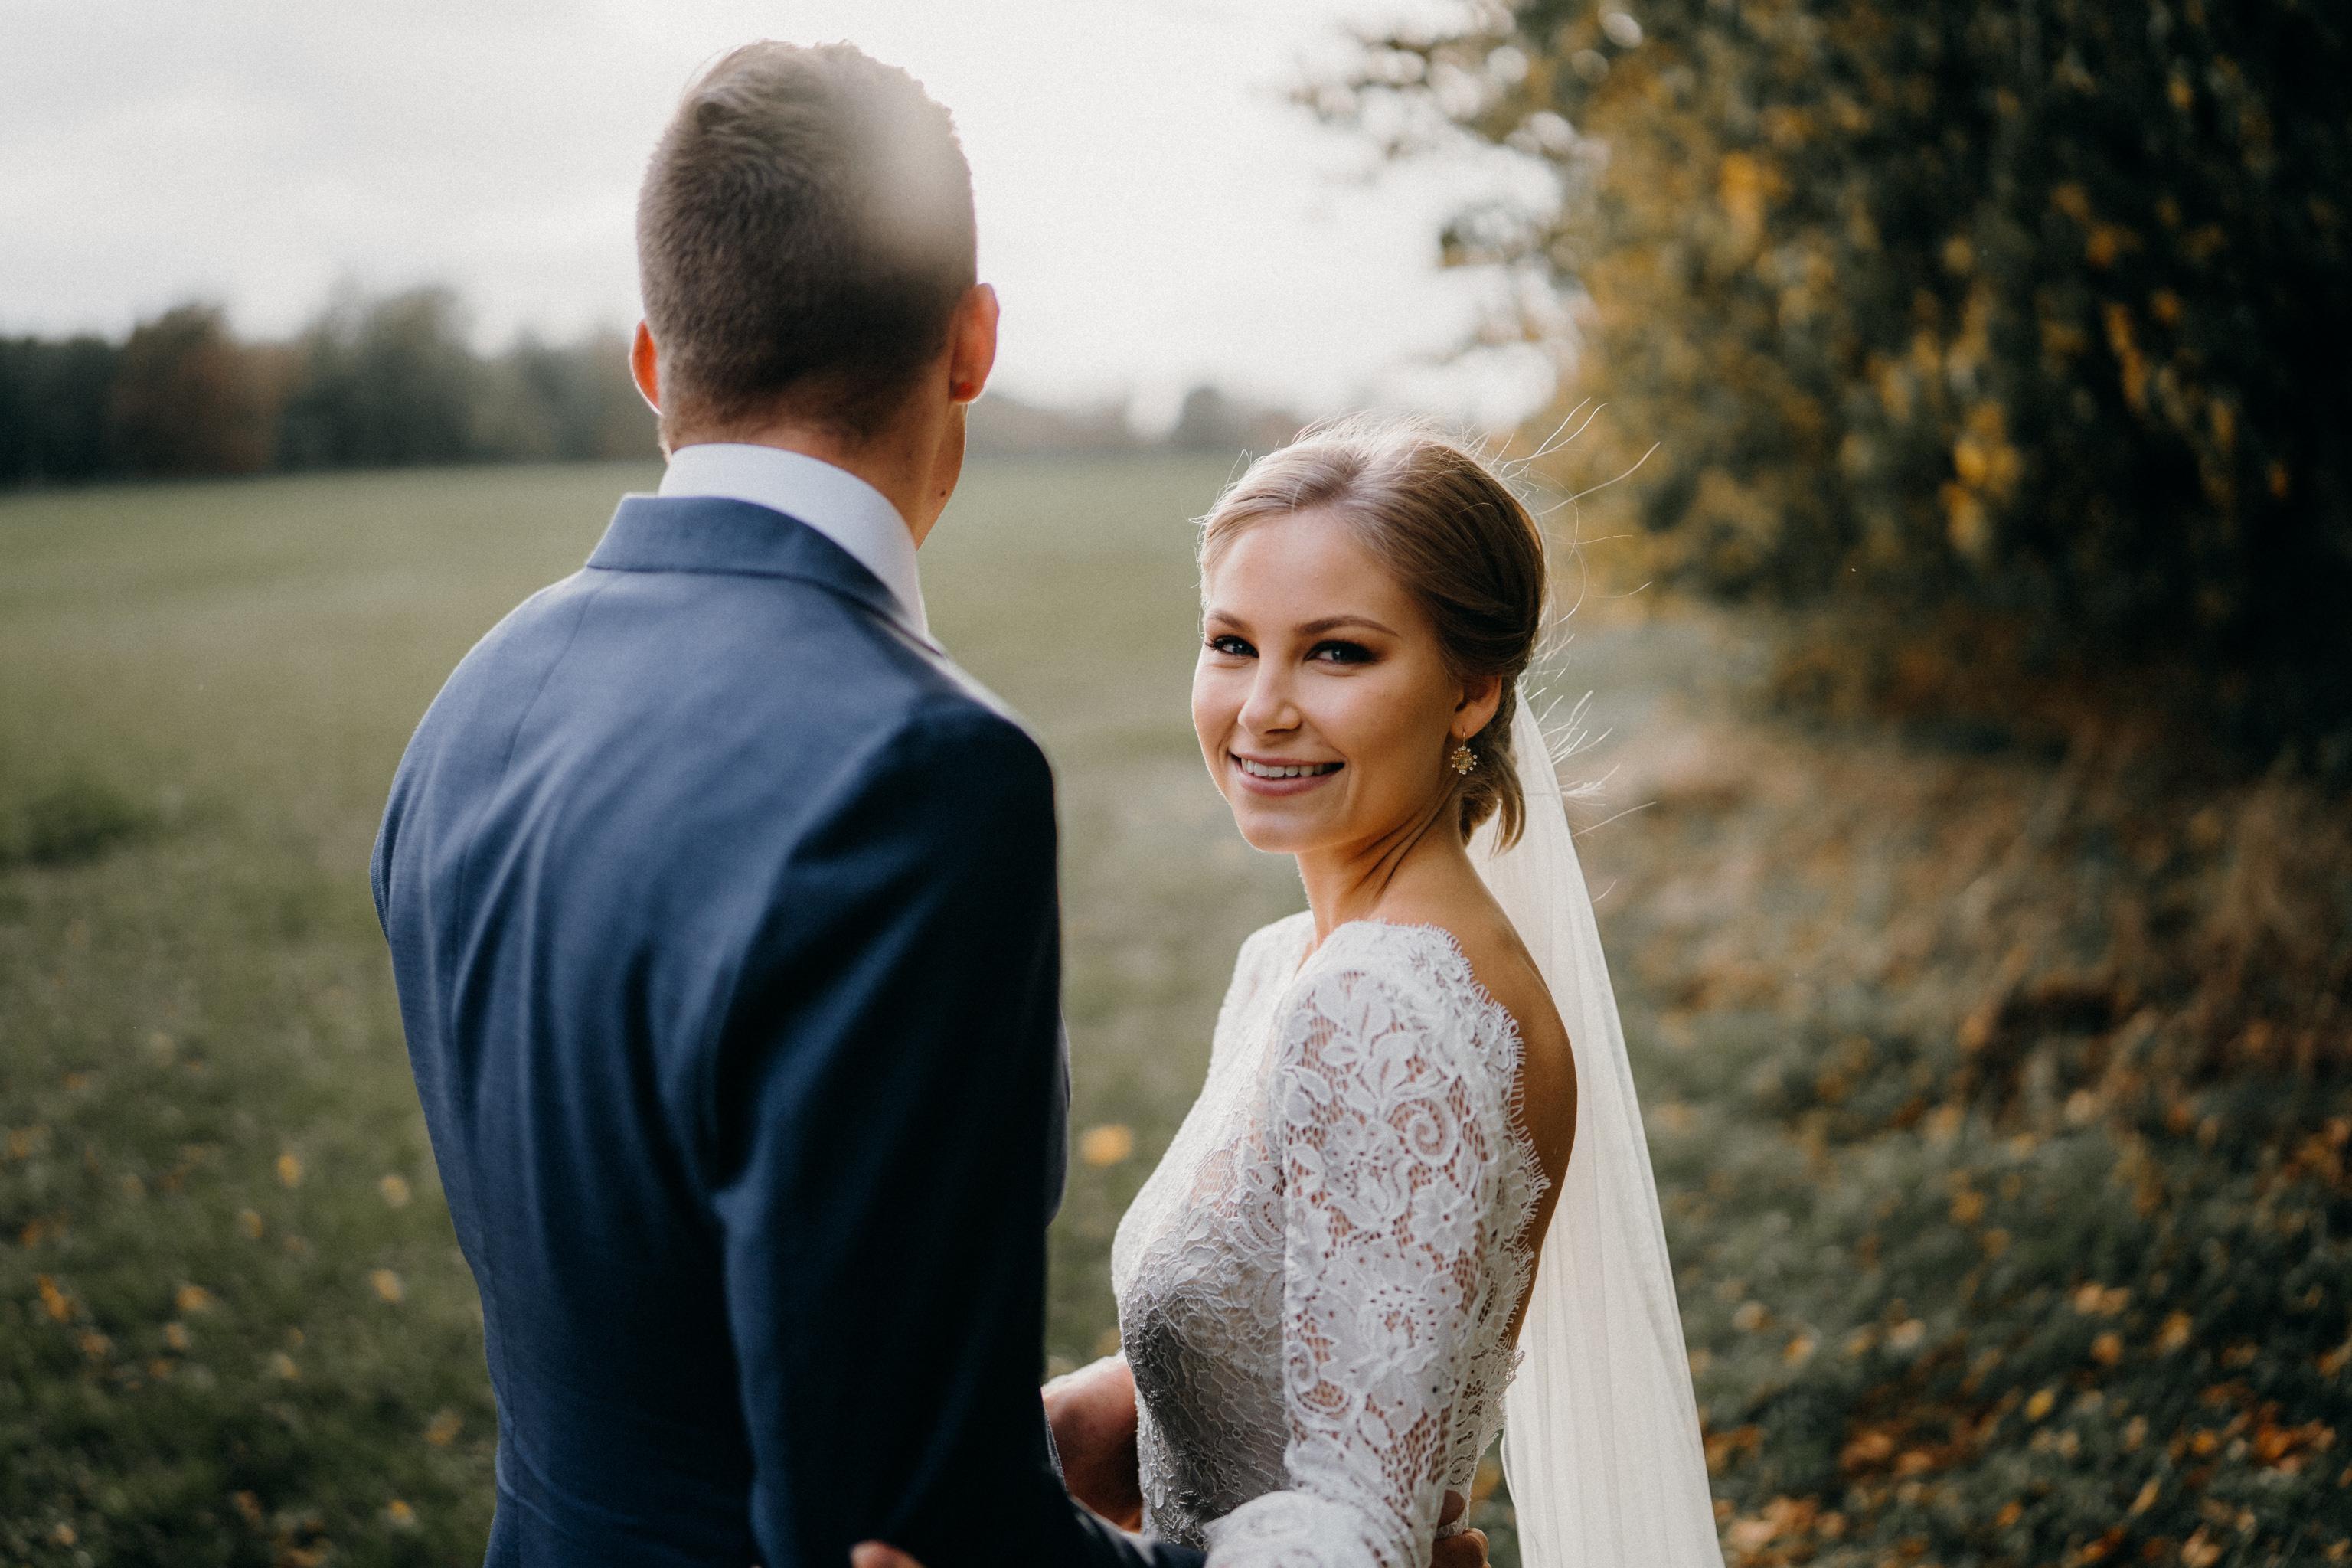 Hvorfor er bryllupsbilleder så vigtige?